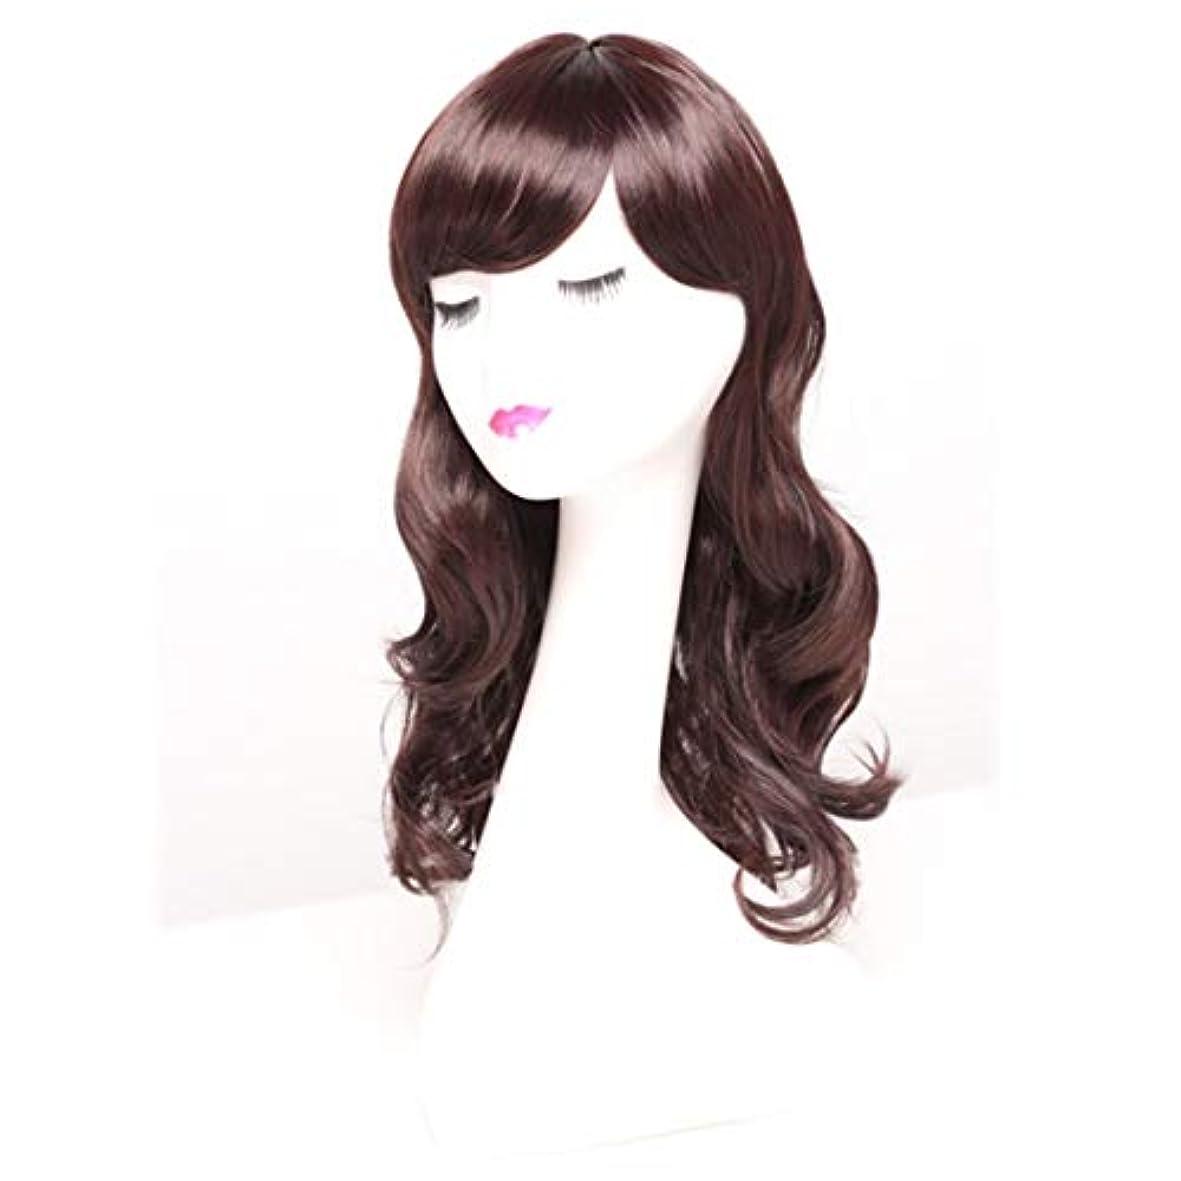 シーケンス家事をするハイランドSummerys 女性のための長い巻き毛のかつらかつらかつらと人工的な毛髪のかつら本物の髪として自然なかつら